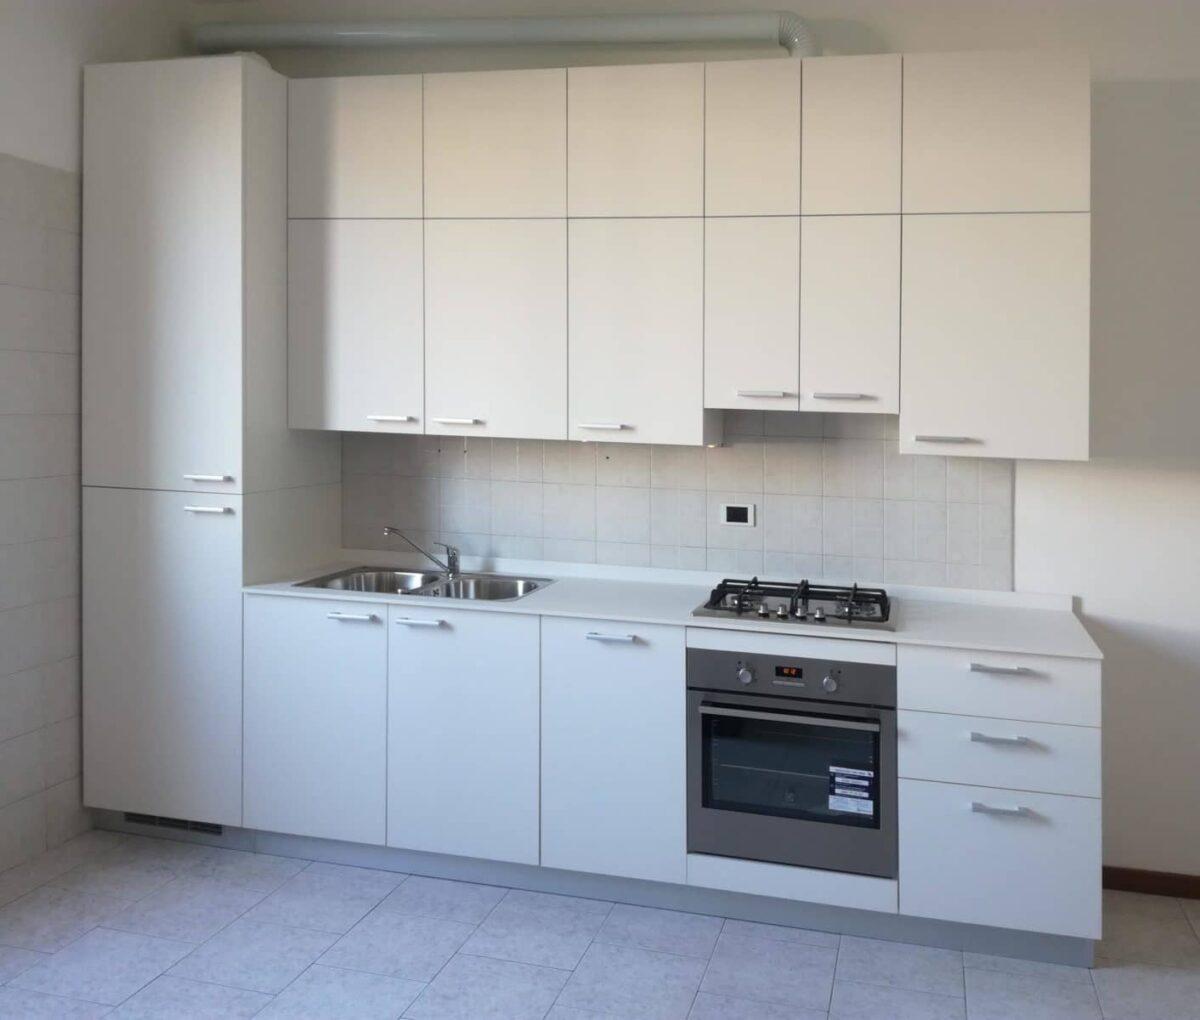 Cucina, struttura in nobilitato idro, top in stratificato bianco, ante in Fenix bianco, elettrodomestici integrati